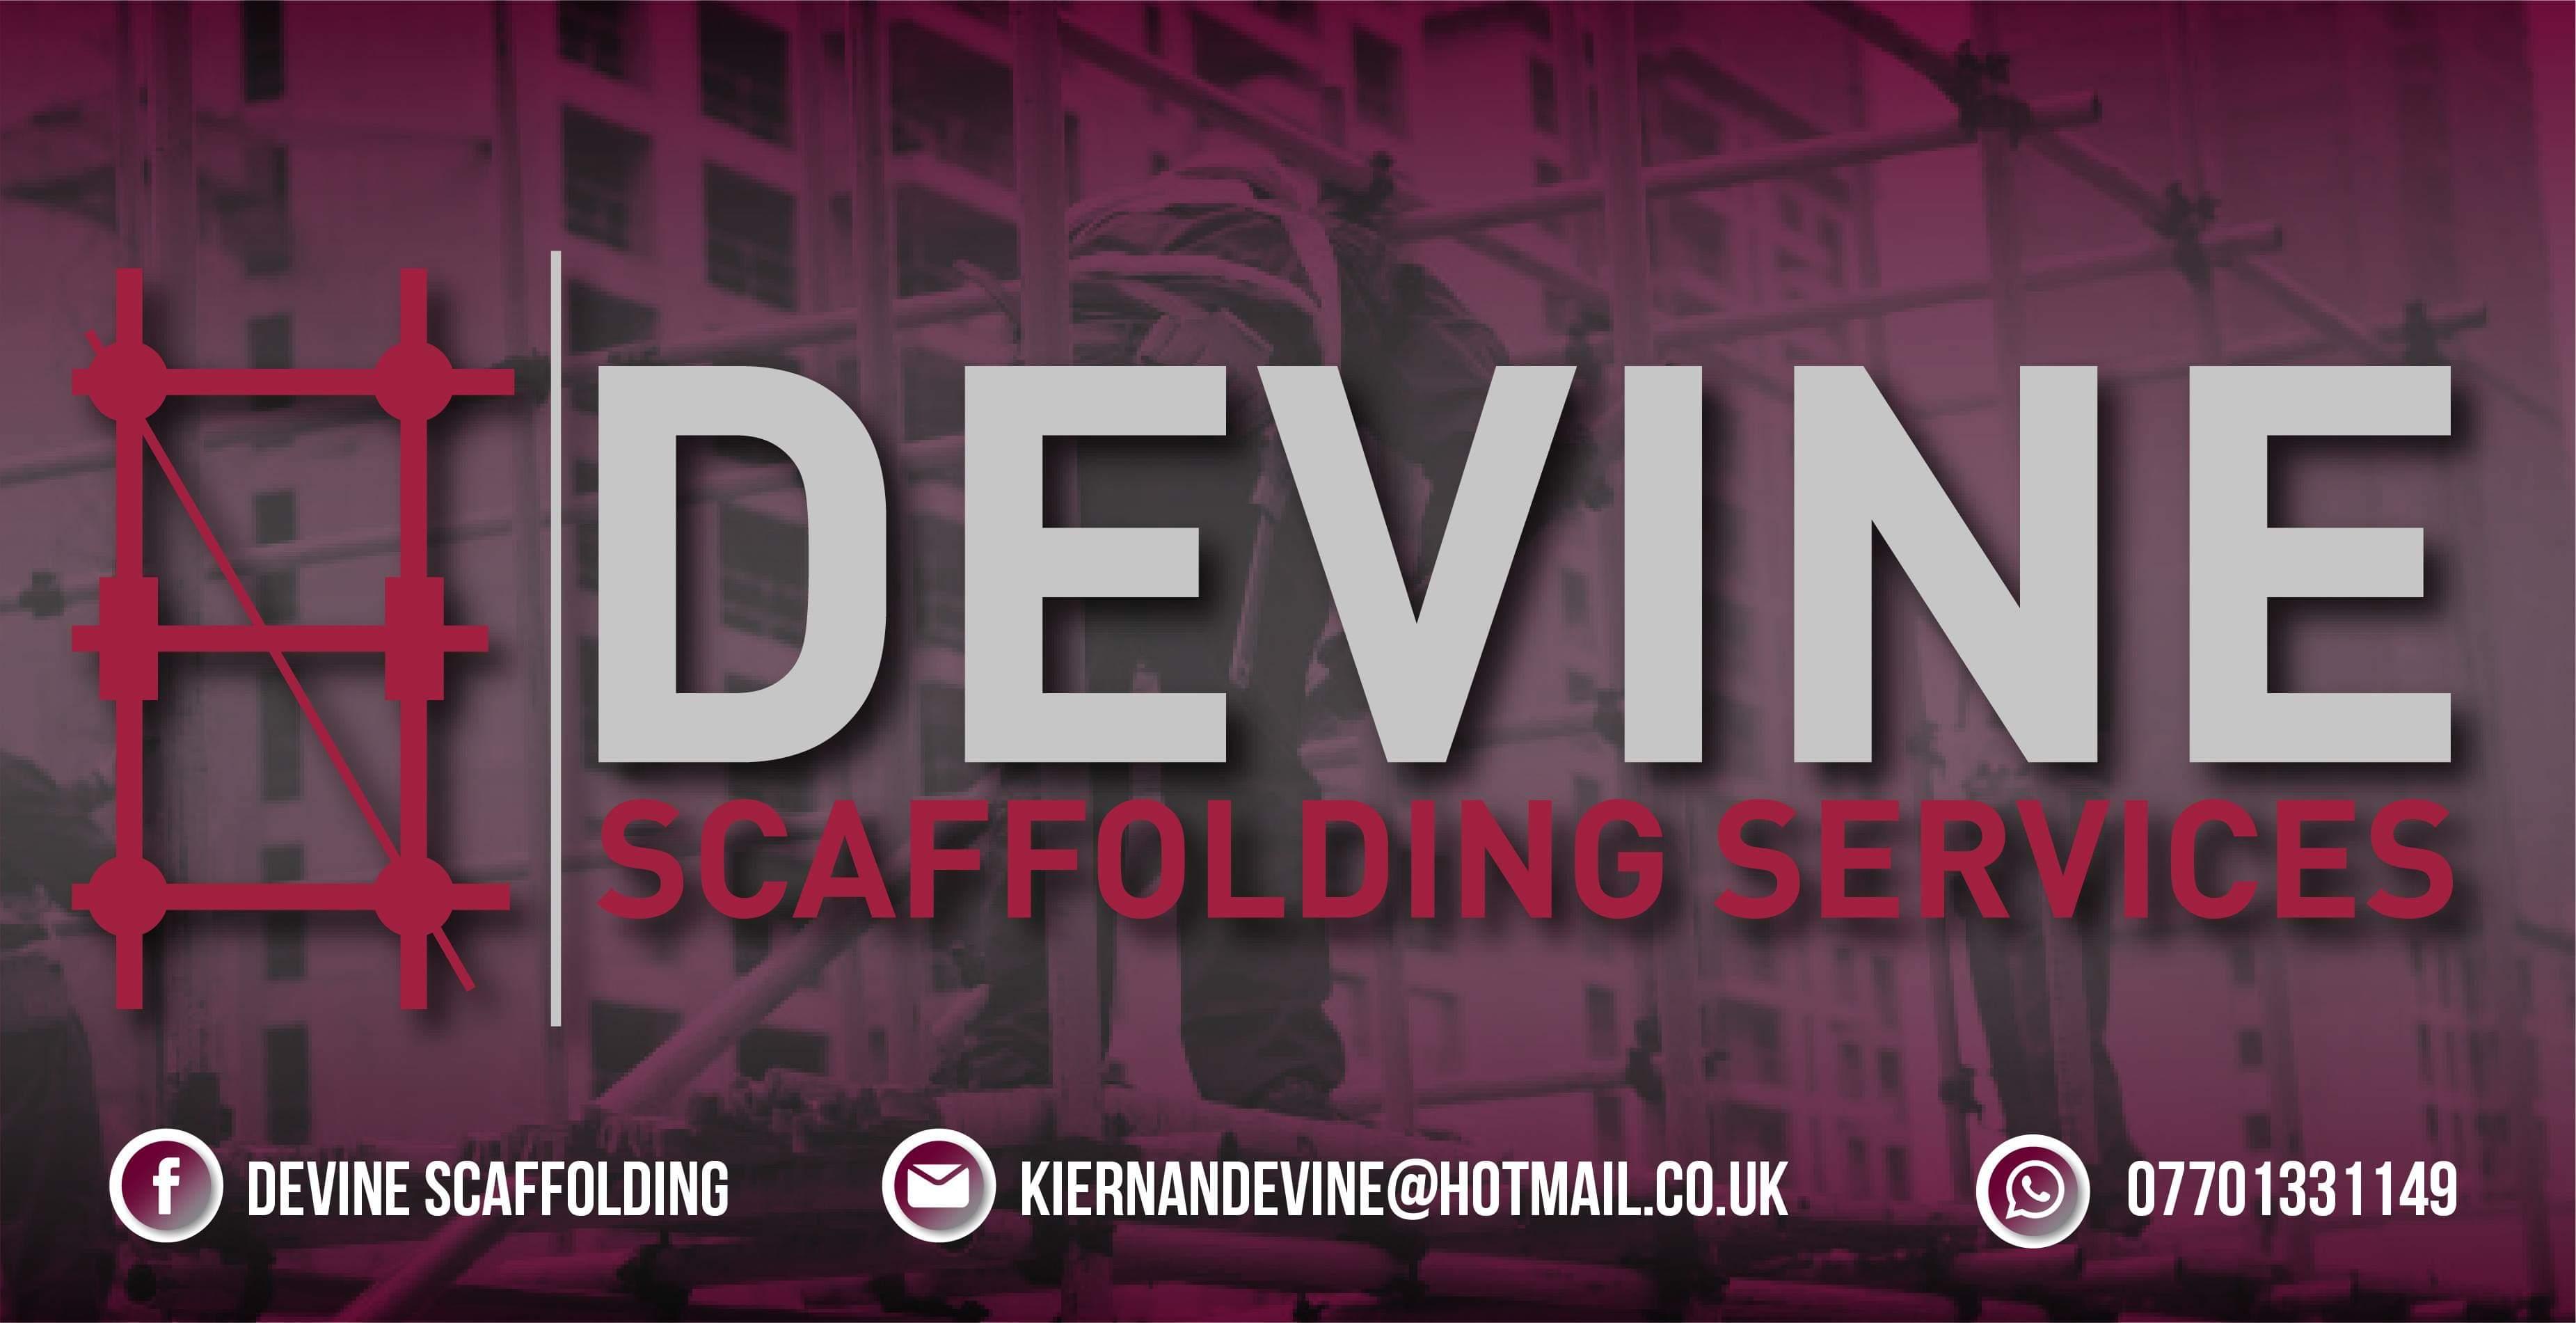 Devine Scaffolding Services